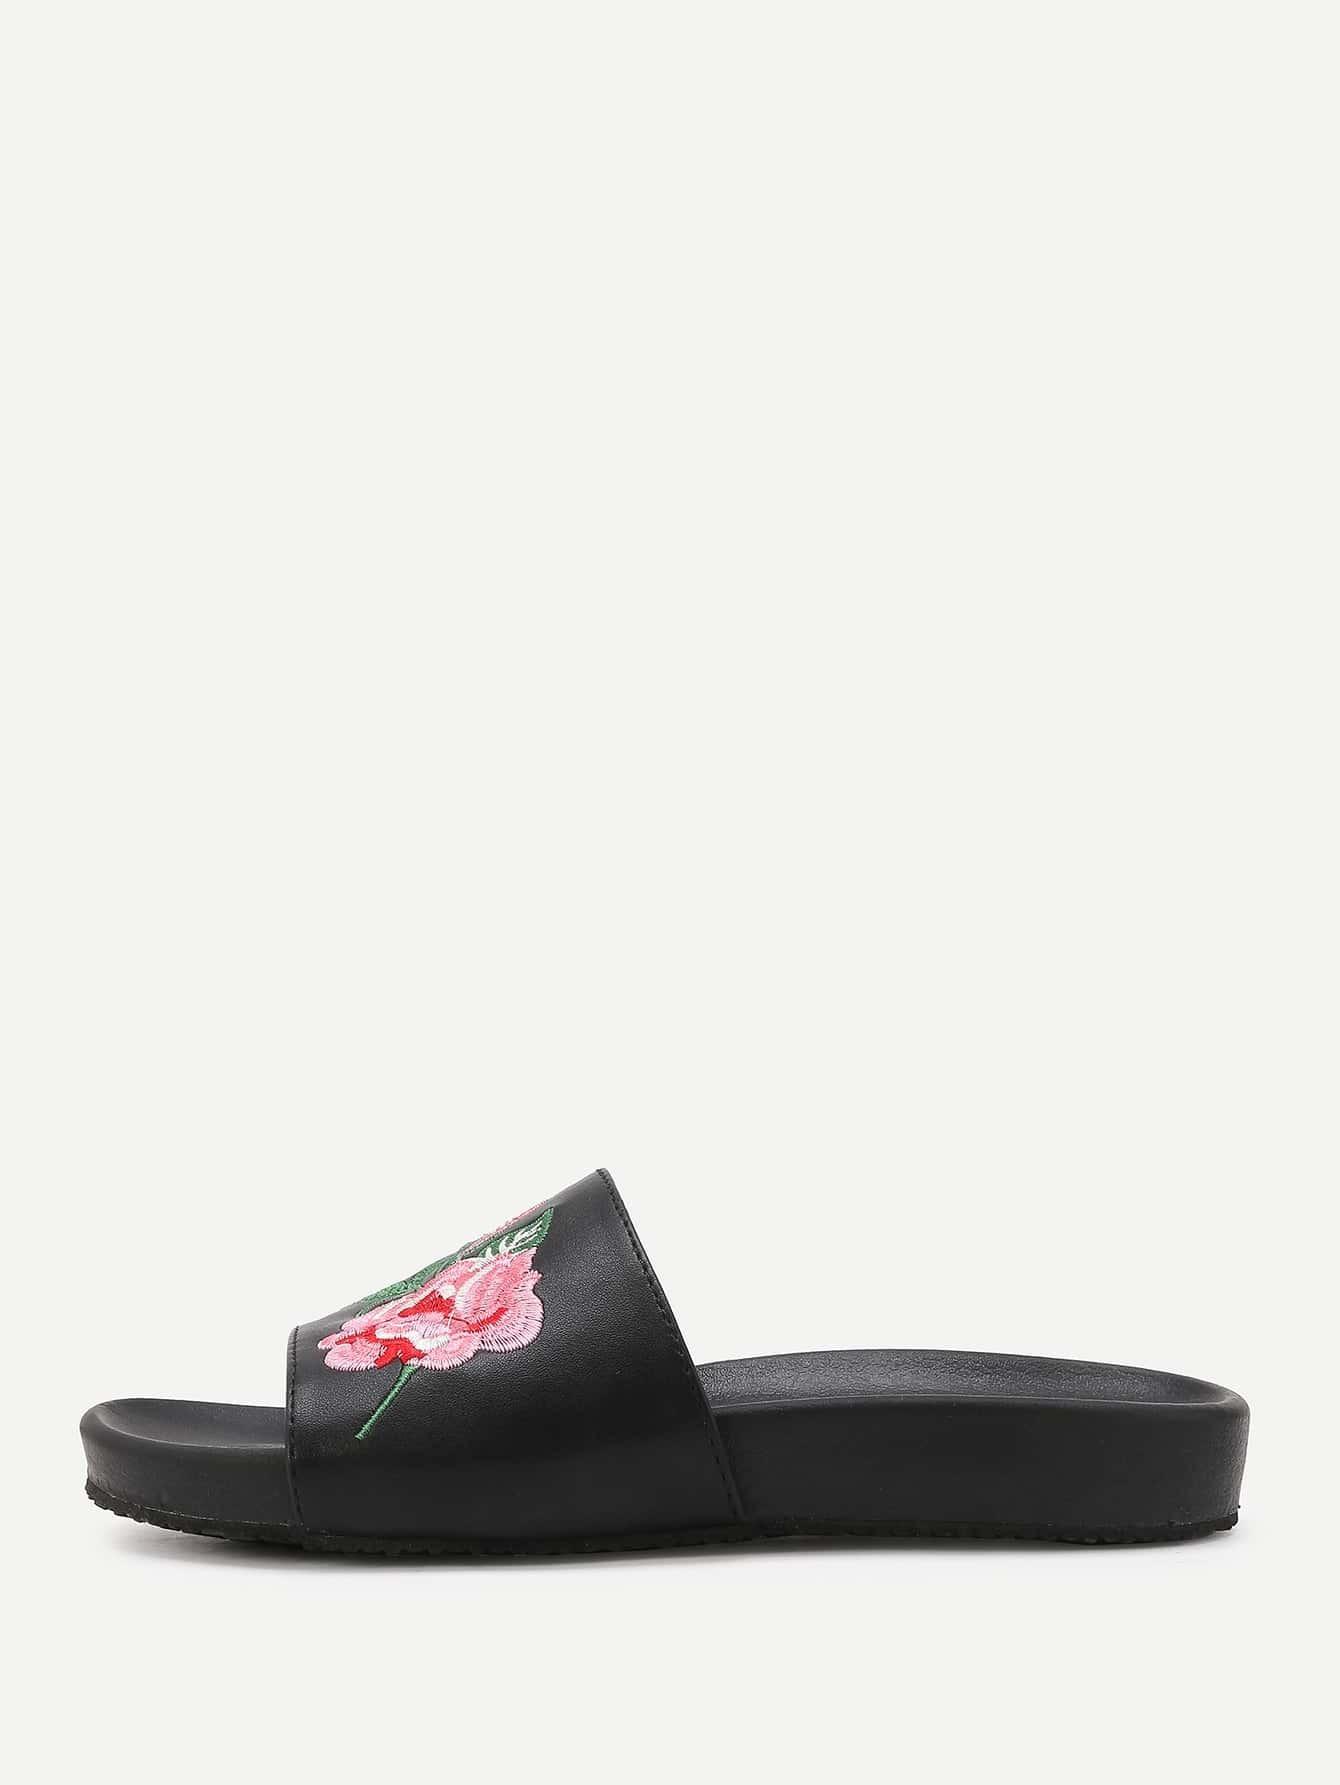 shoes170505817_2